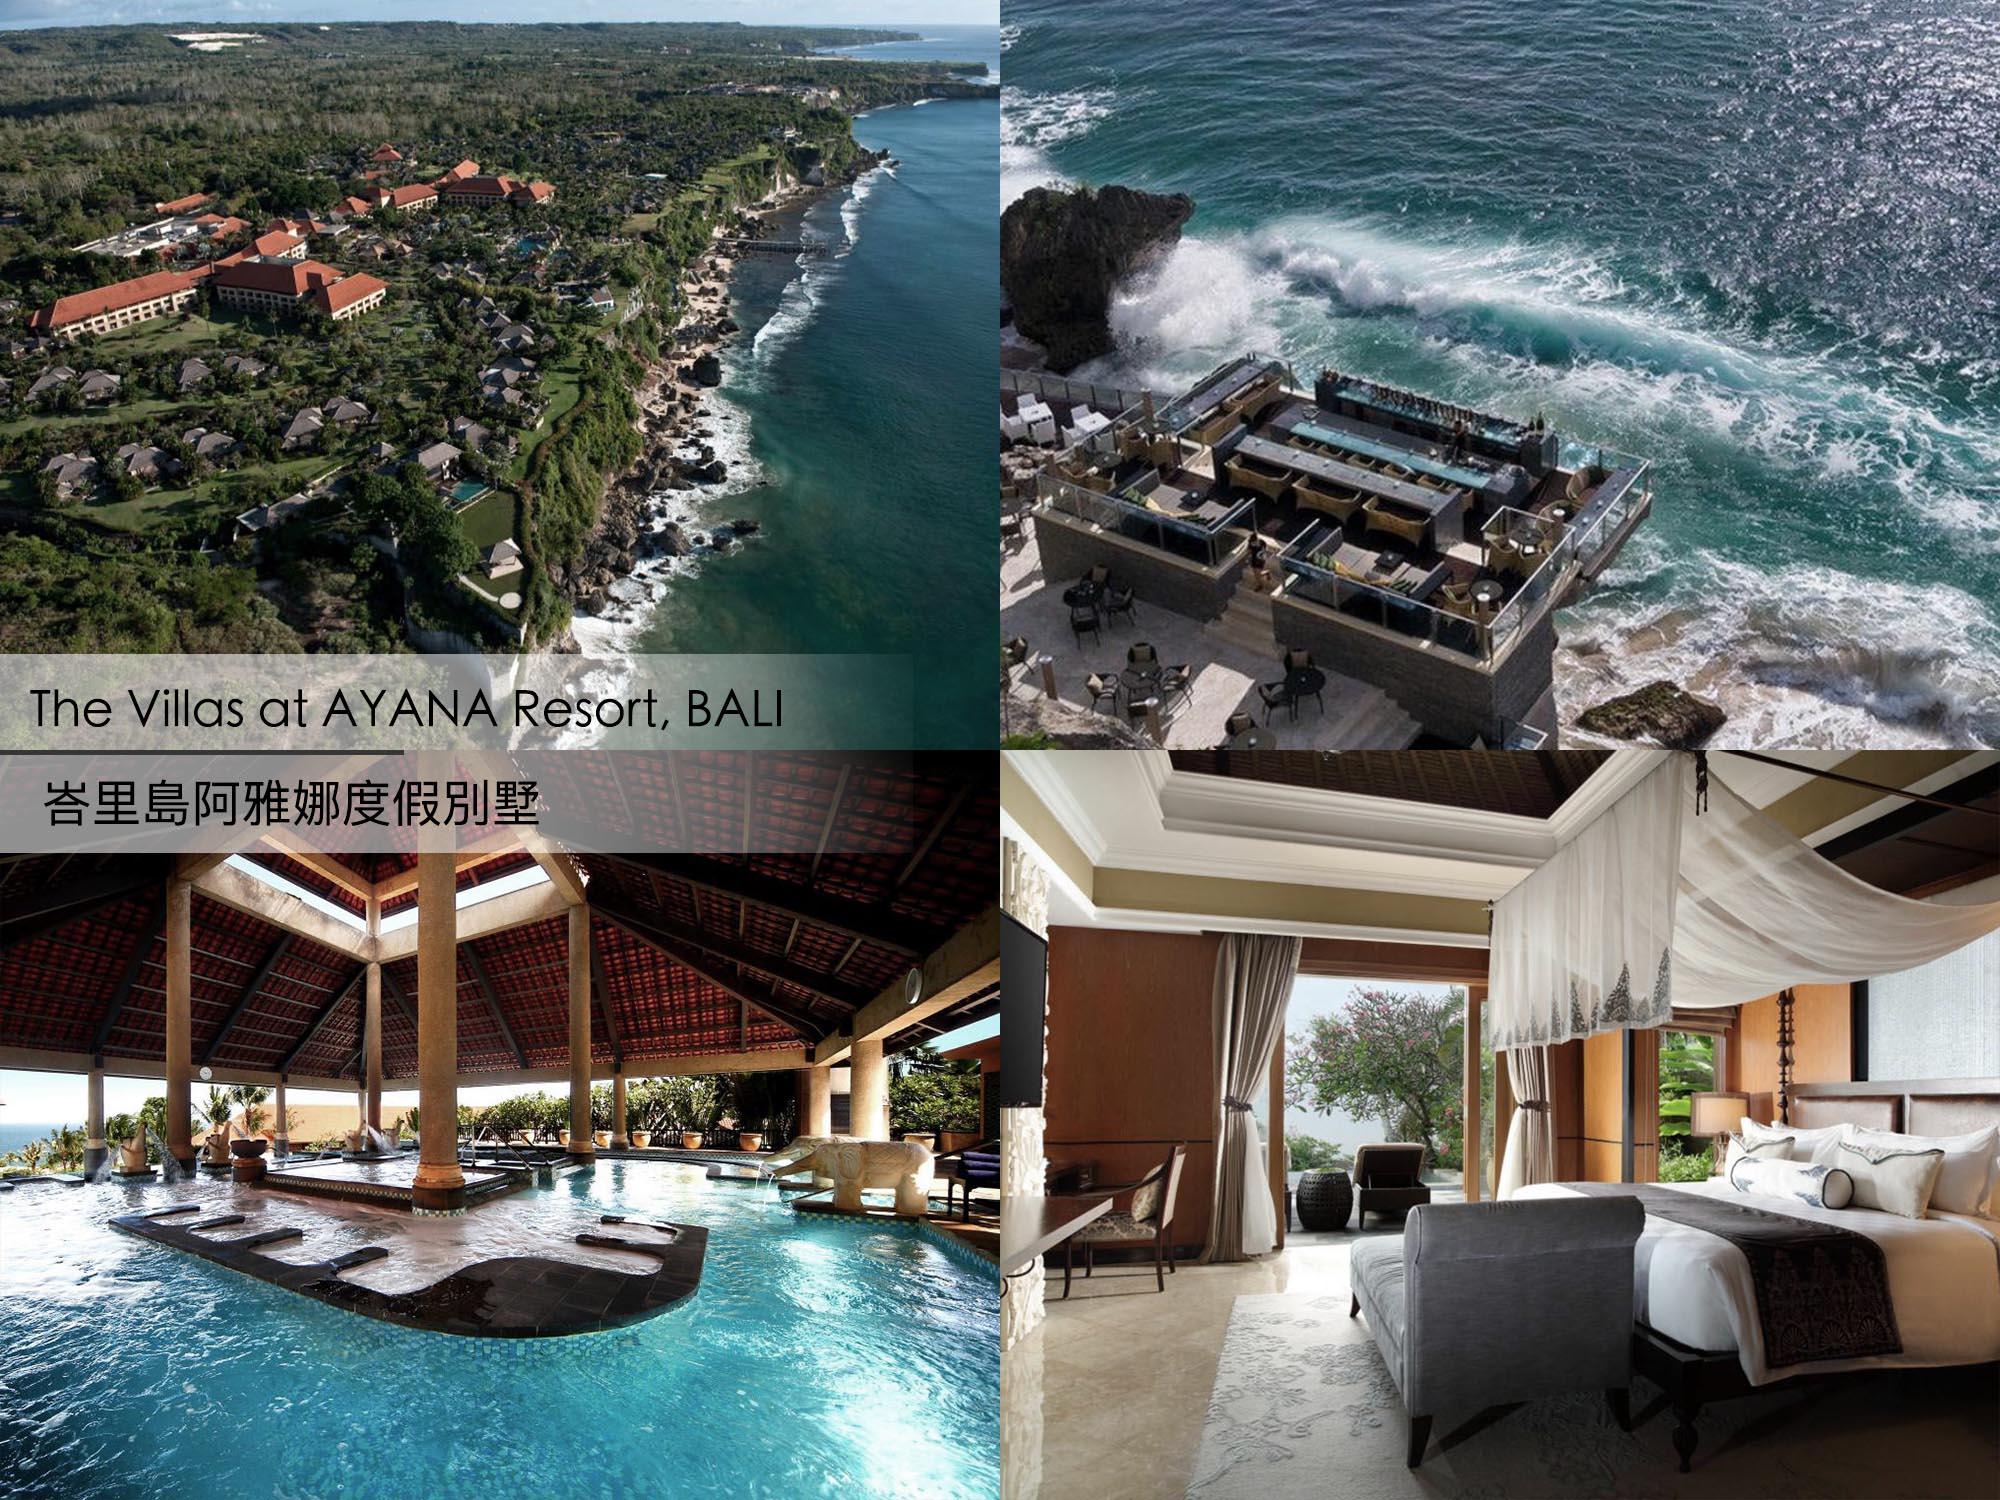 峇里島阿雅娜度假別墅